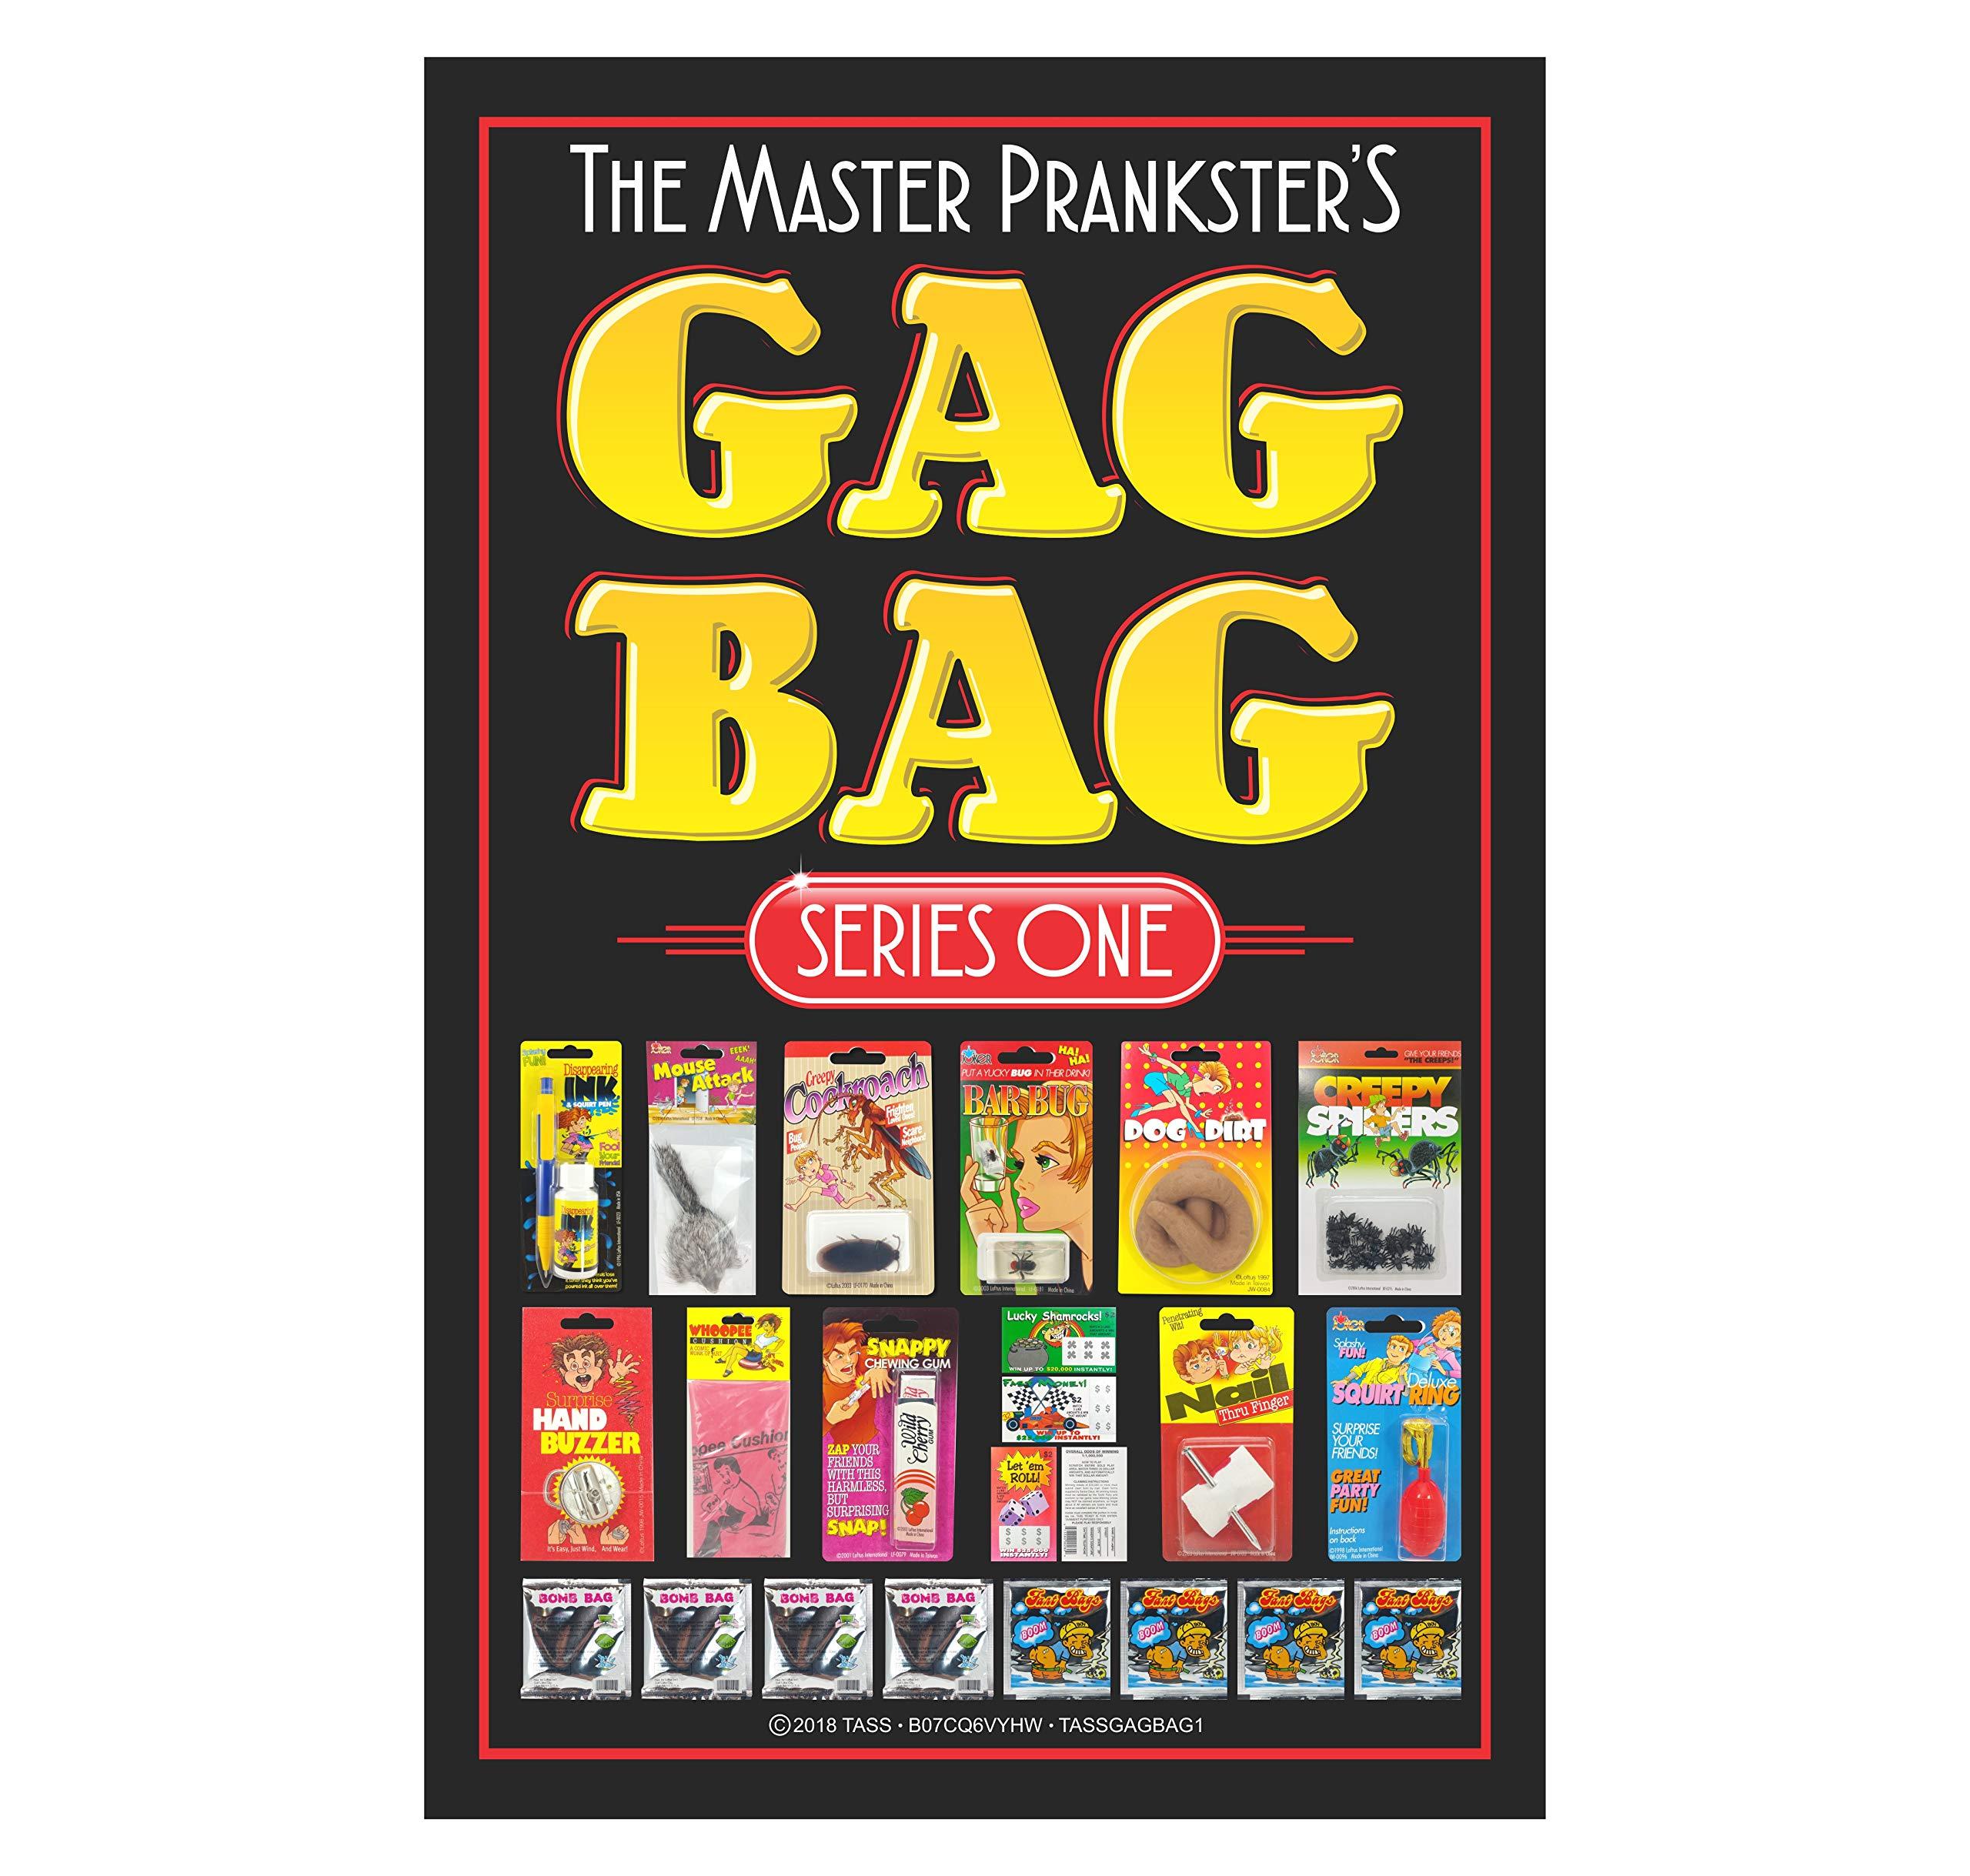 TASS The Master Prankster's Gag Bag Series One Prank Kit, Funny Classic & New Novelties Jokes by TASS (Image #2)